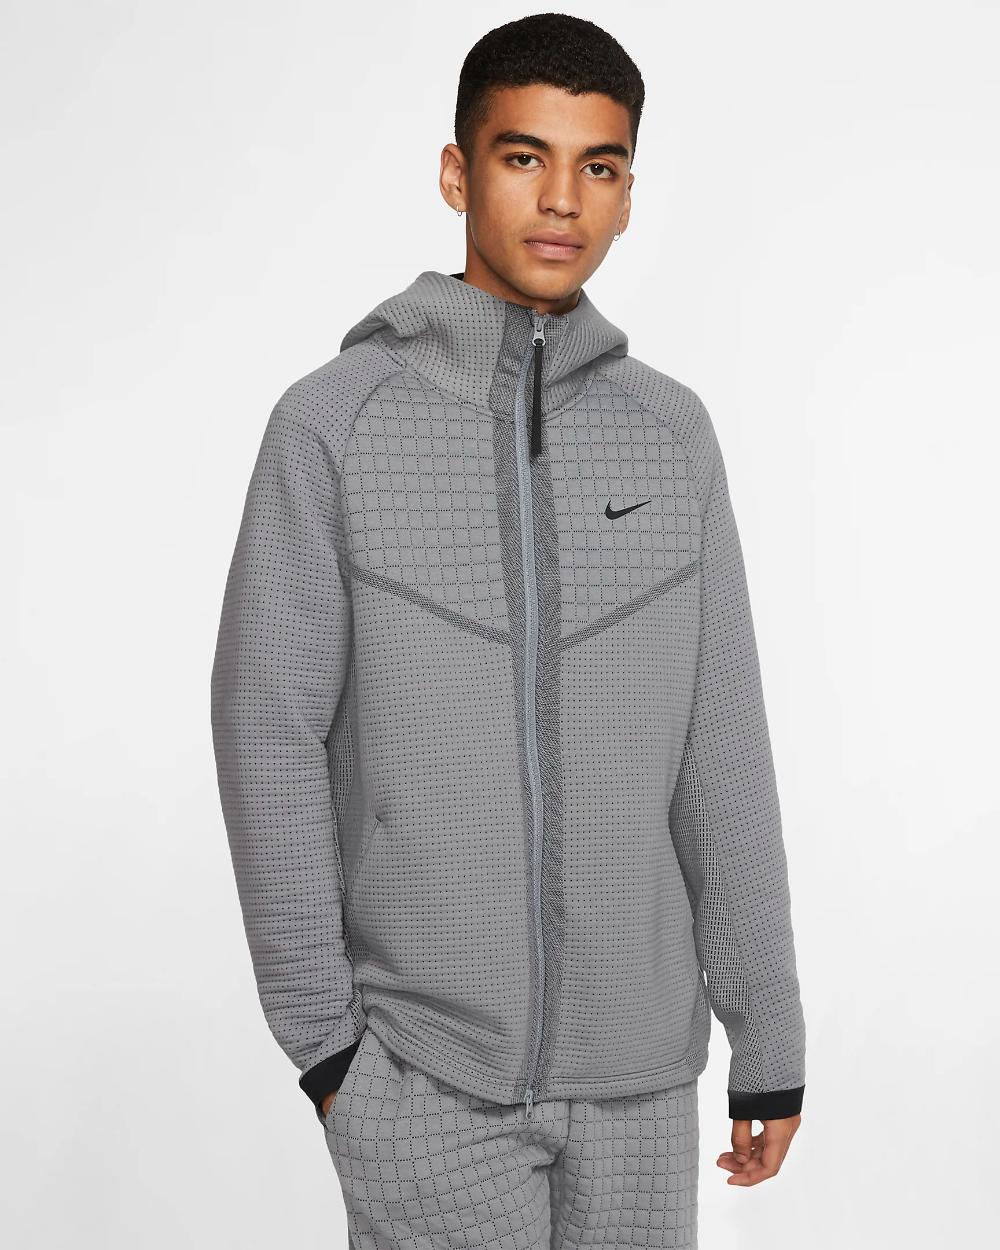 Nike Sportswear Tech Fleece Engineered Men S Full Zip Hoodie Nike Com Full Zip Hoodie Tech Fleece Nike Sportswear